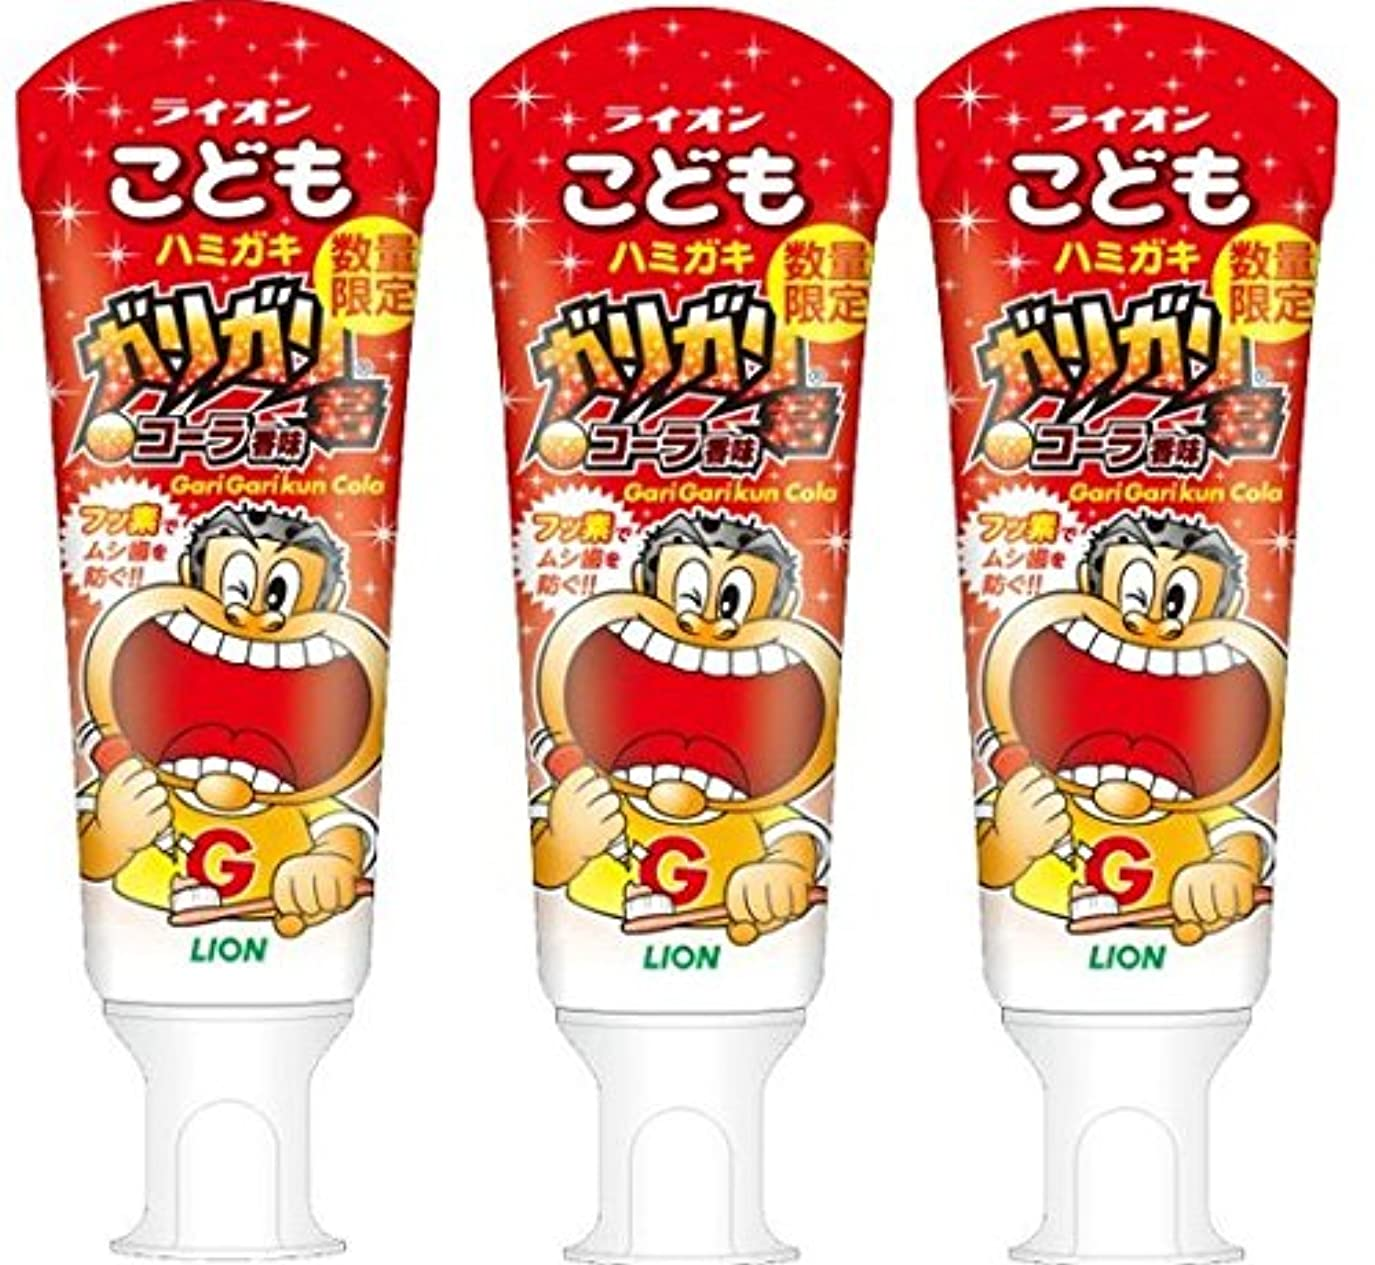 範囲ガラス貨物【お買い得セット】 こどもハミガキ ガリガリ君 コーラ香味 3本